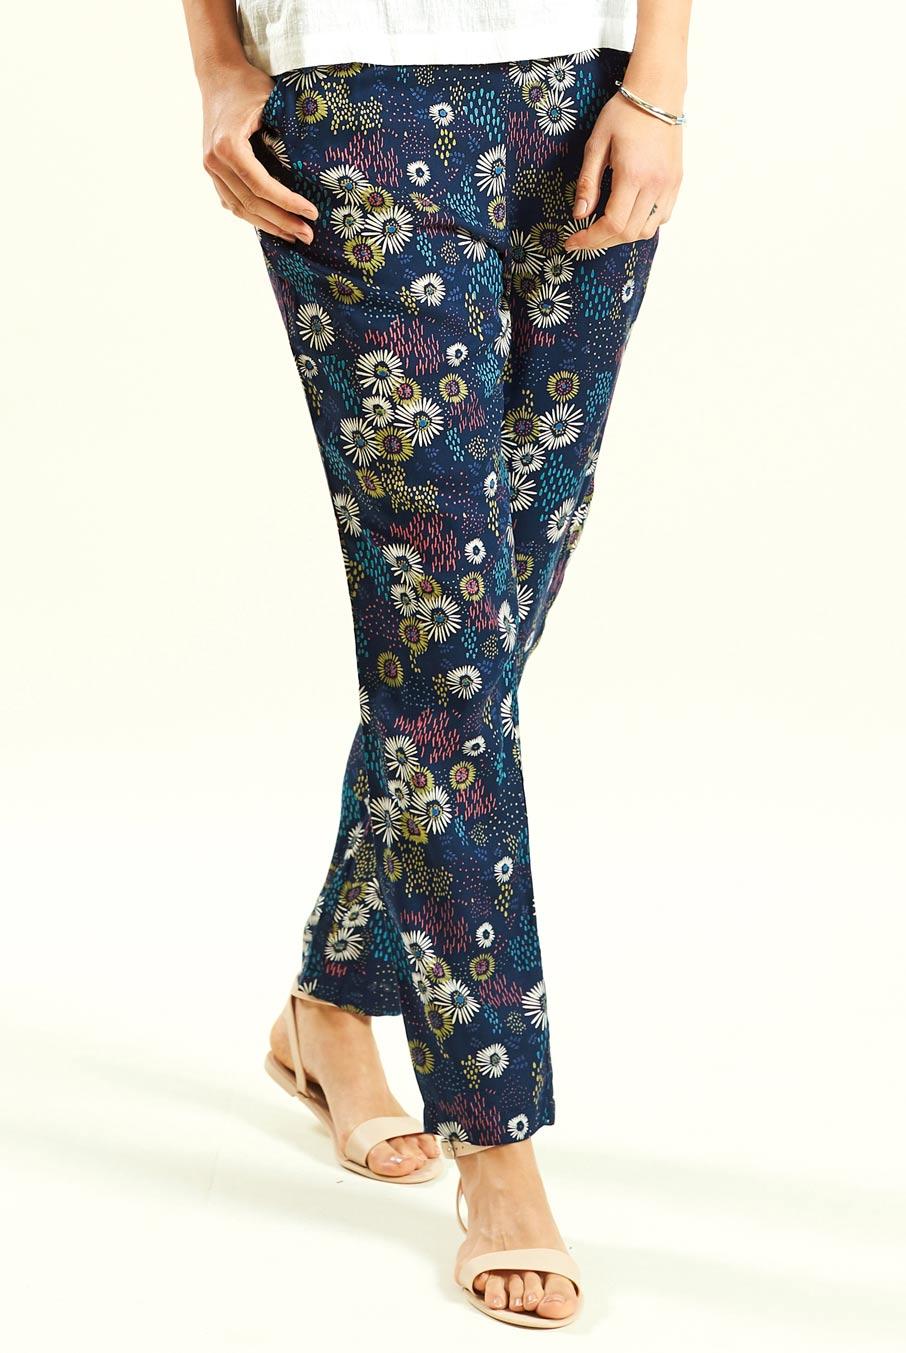 foto ufficiali 93f70 9dc60 Pantaloni fantasia, elastico in vita e tasche laterali, in viscosa Da  commercio etico